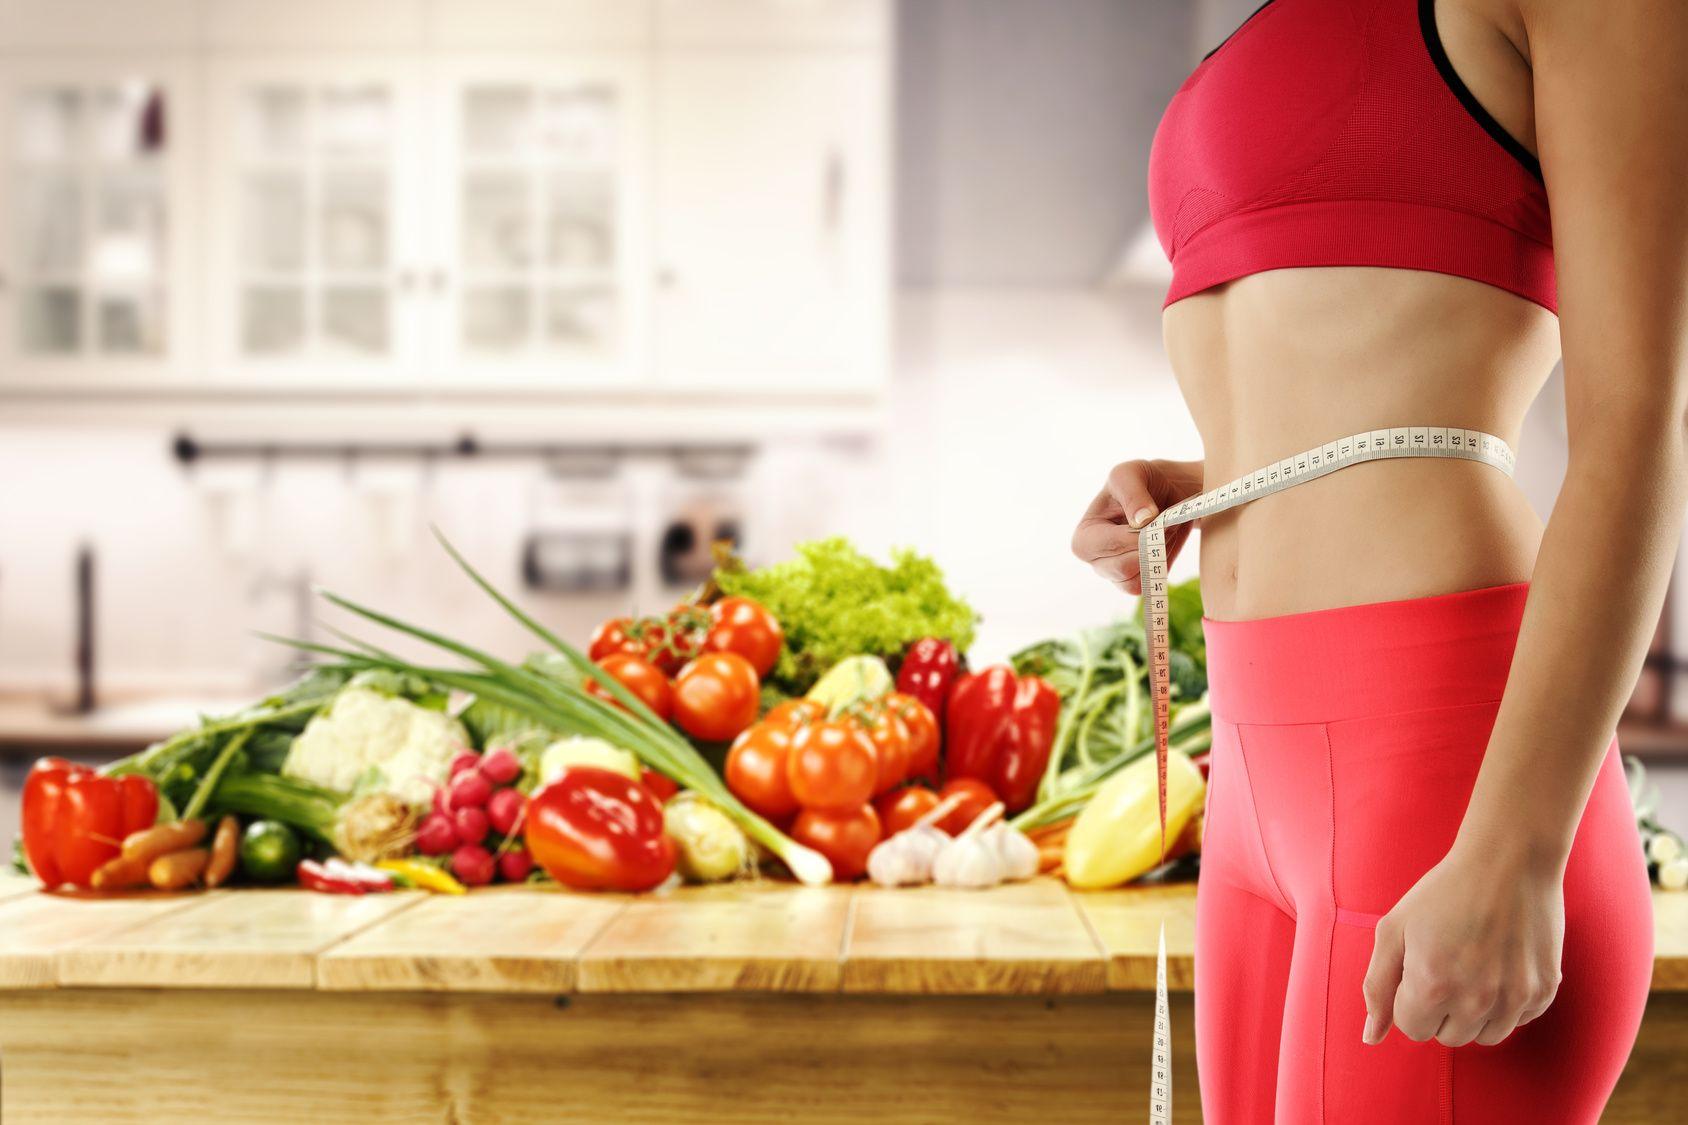 Советы диетолога, которые помогут похудеть без тренировок, диет